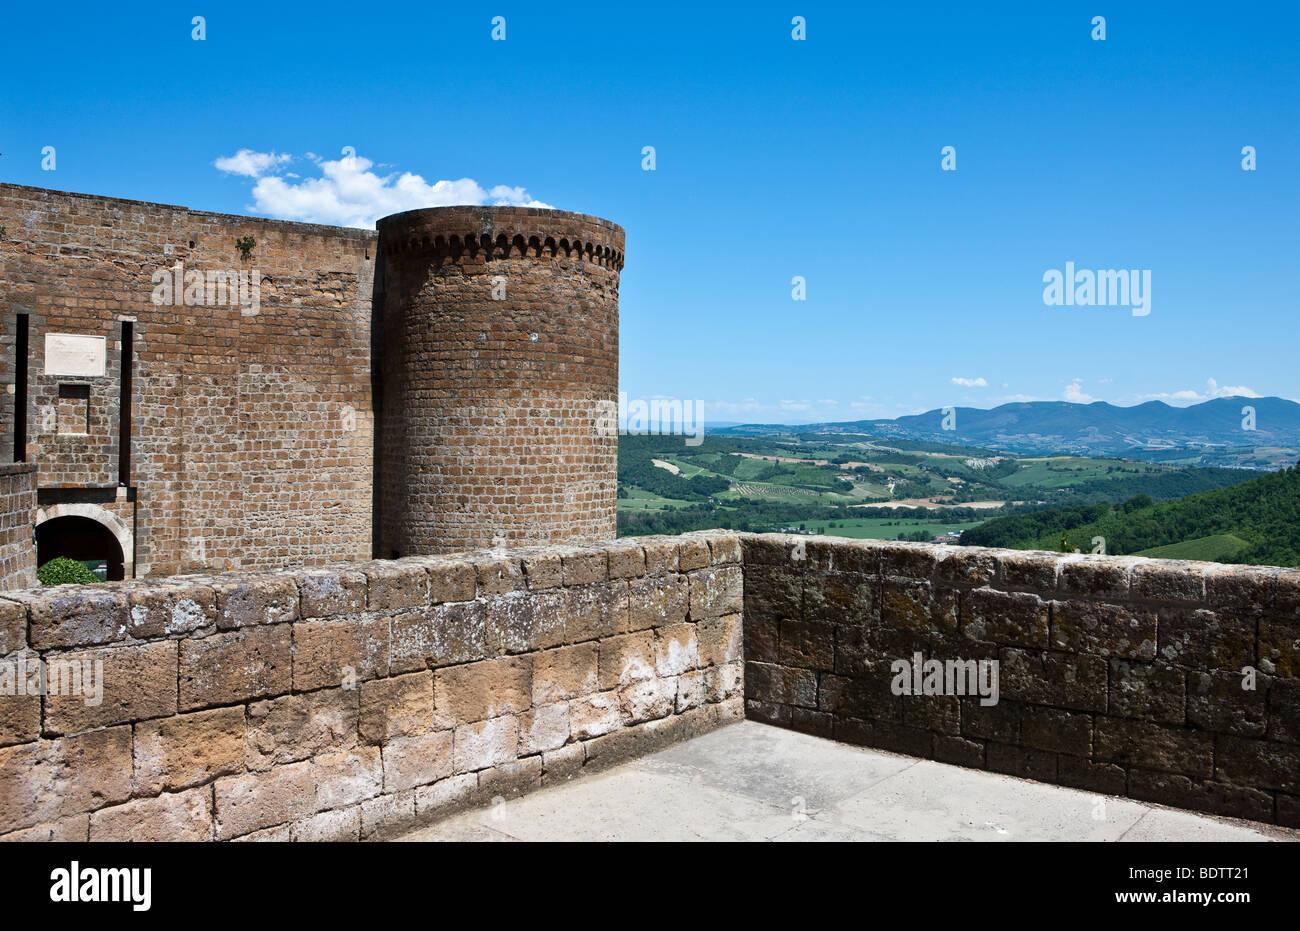 Italy,Umbria,Orvieto,the Albornoz fortress Stock Photo